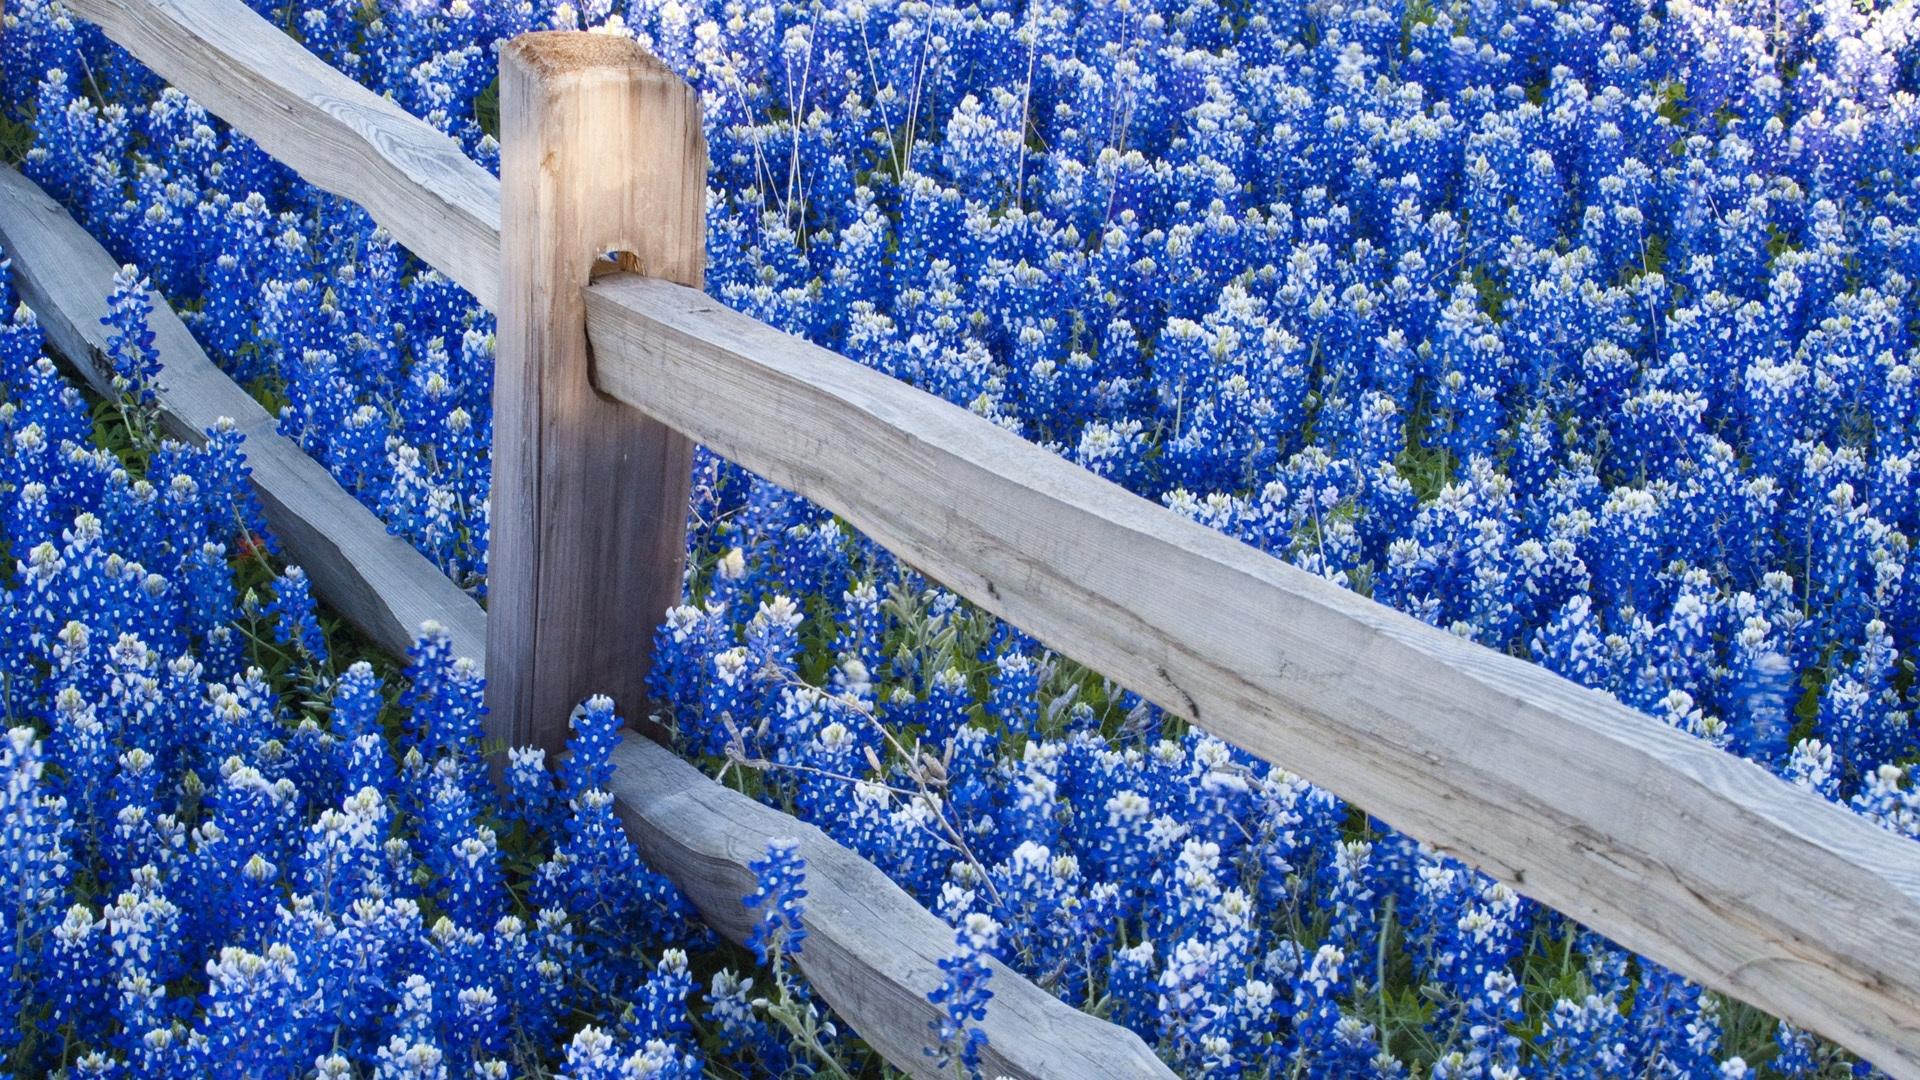 24963 скачать обои Растения, Пейзаж, Цветы - заставки и картинки бесплатно